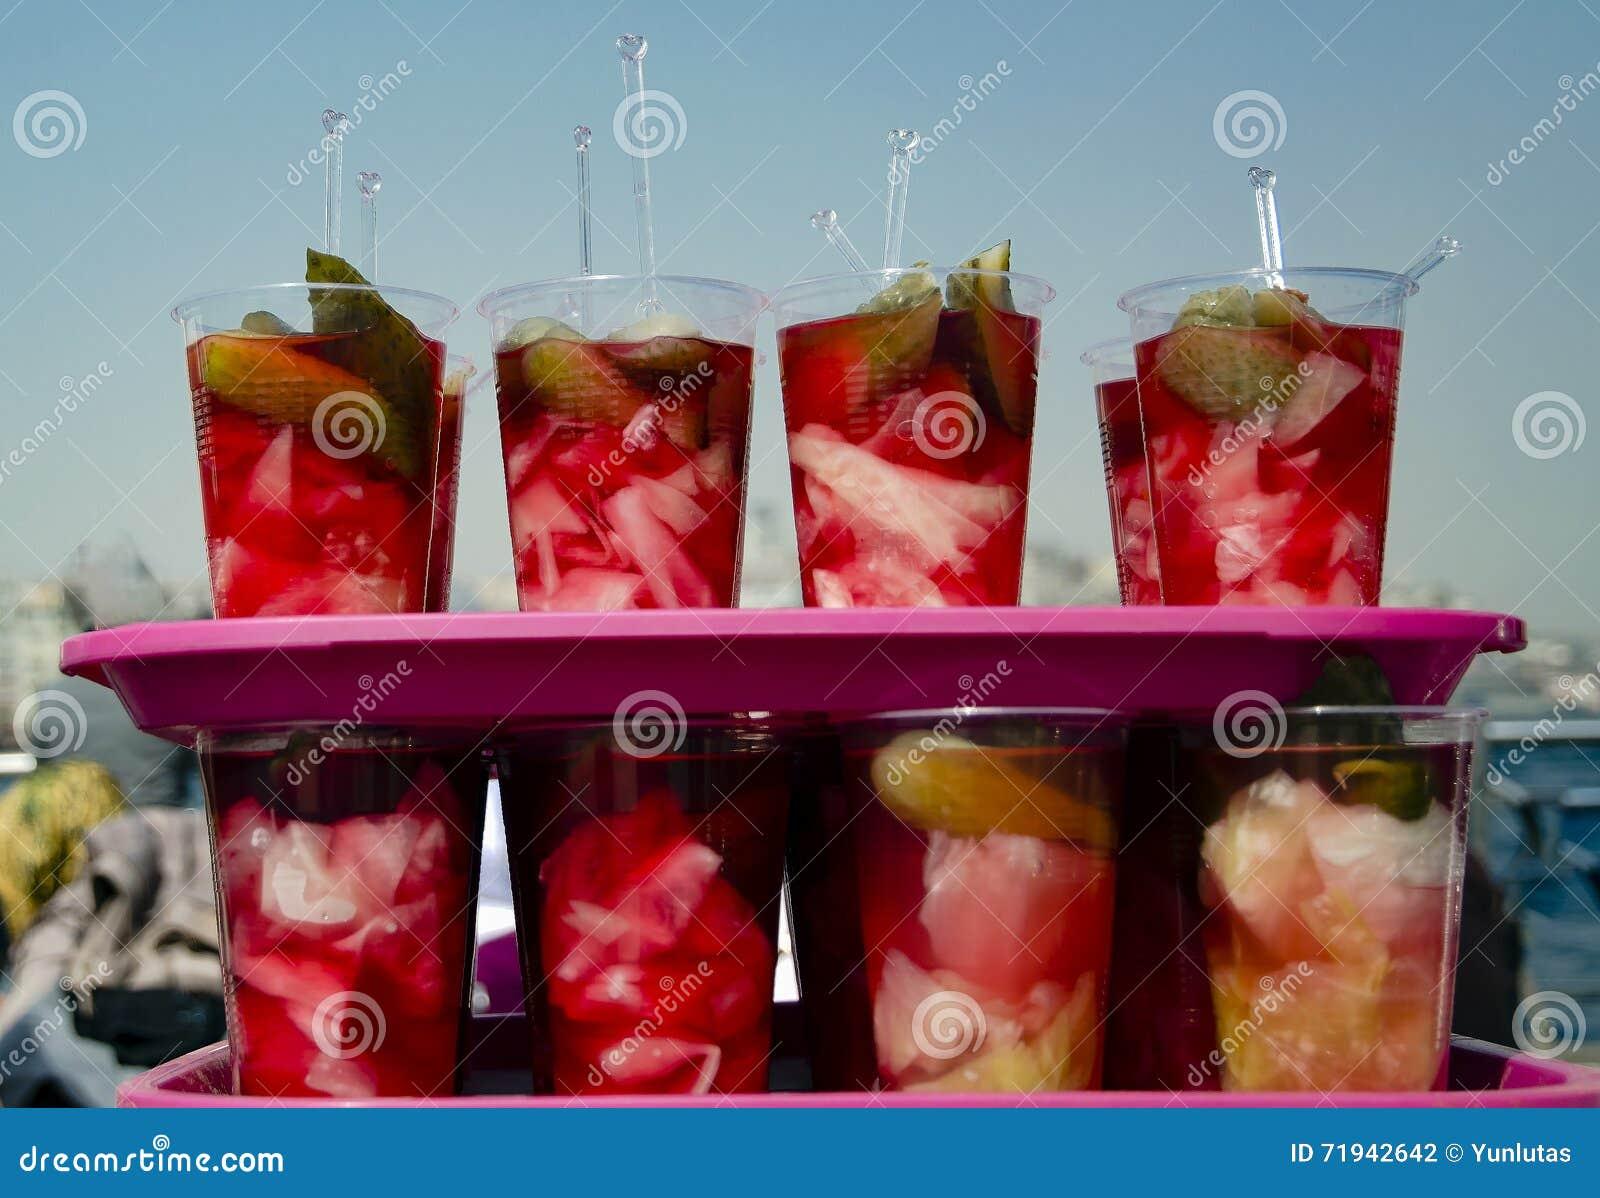 Традиционные турецкие соленья различных фруктов и овощей